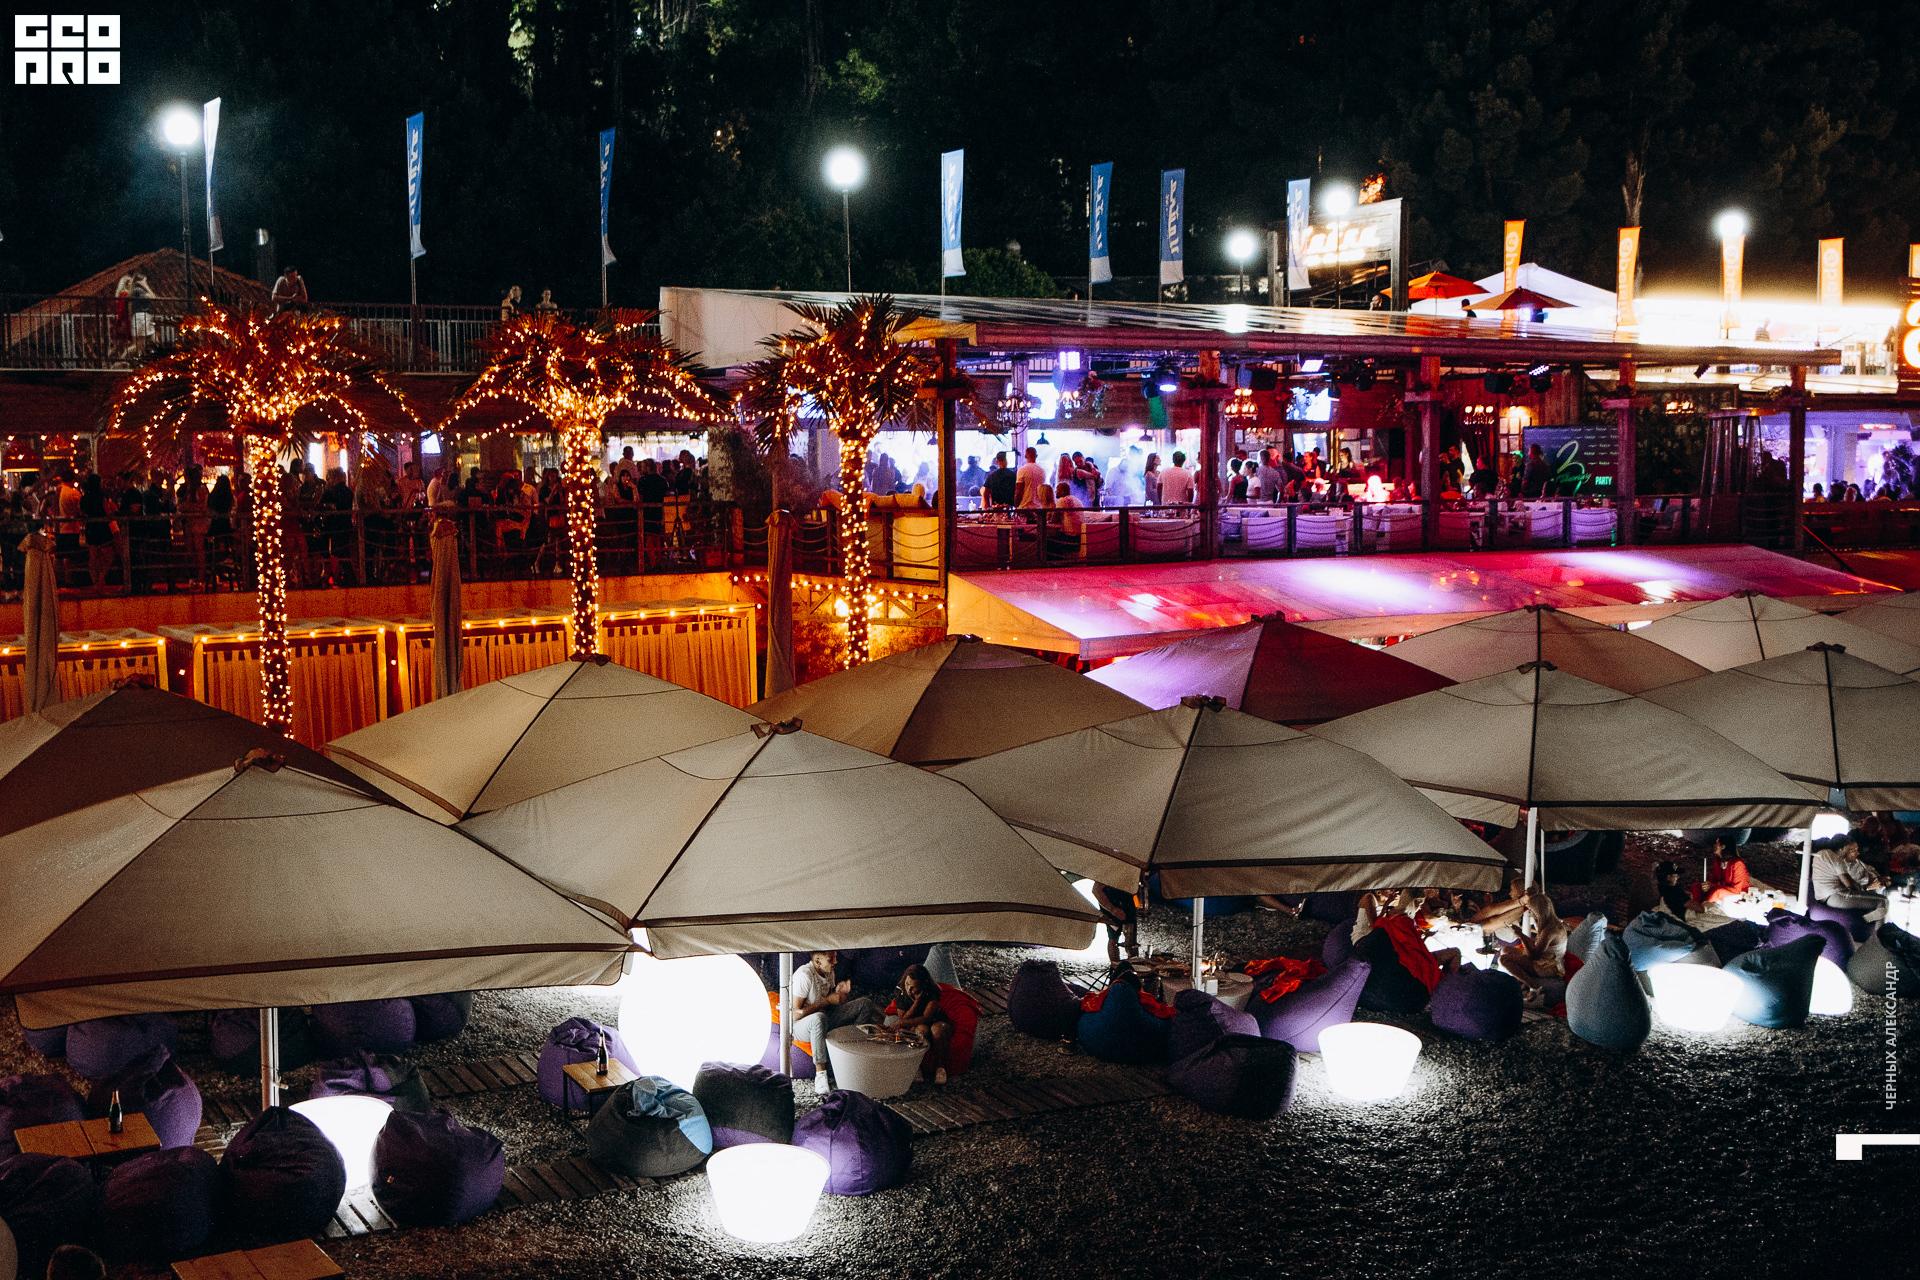 Ночной клуб чайка на пляже хабаровск клуб зажигалка ночной